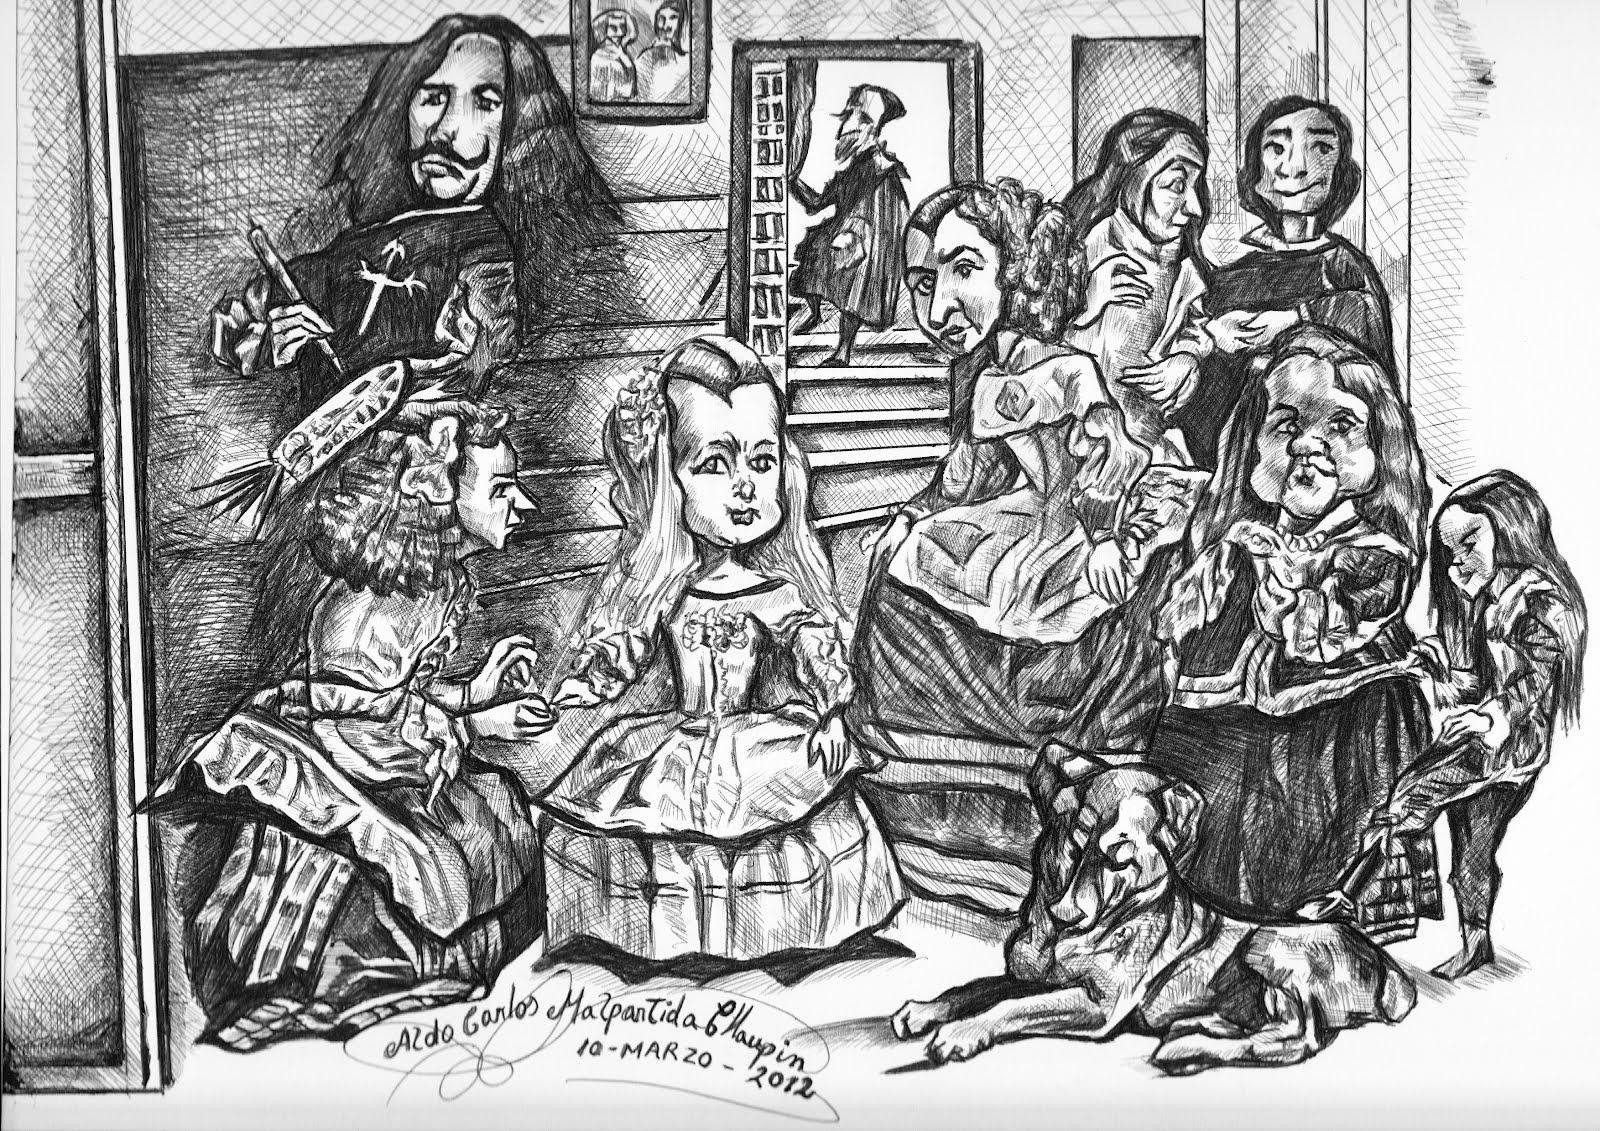 Aldo dibujo pintura y artes caricatura del cuadro las - Cuadros de meninas modernos ...